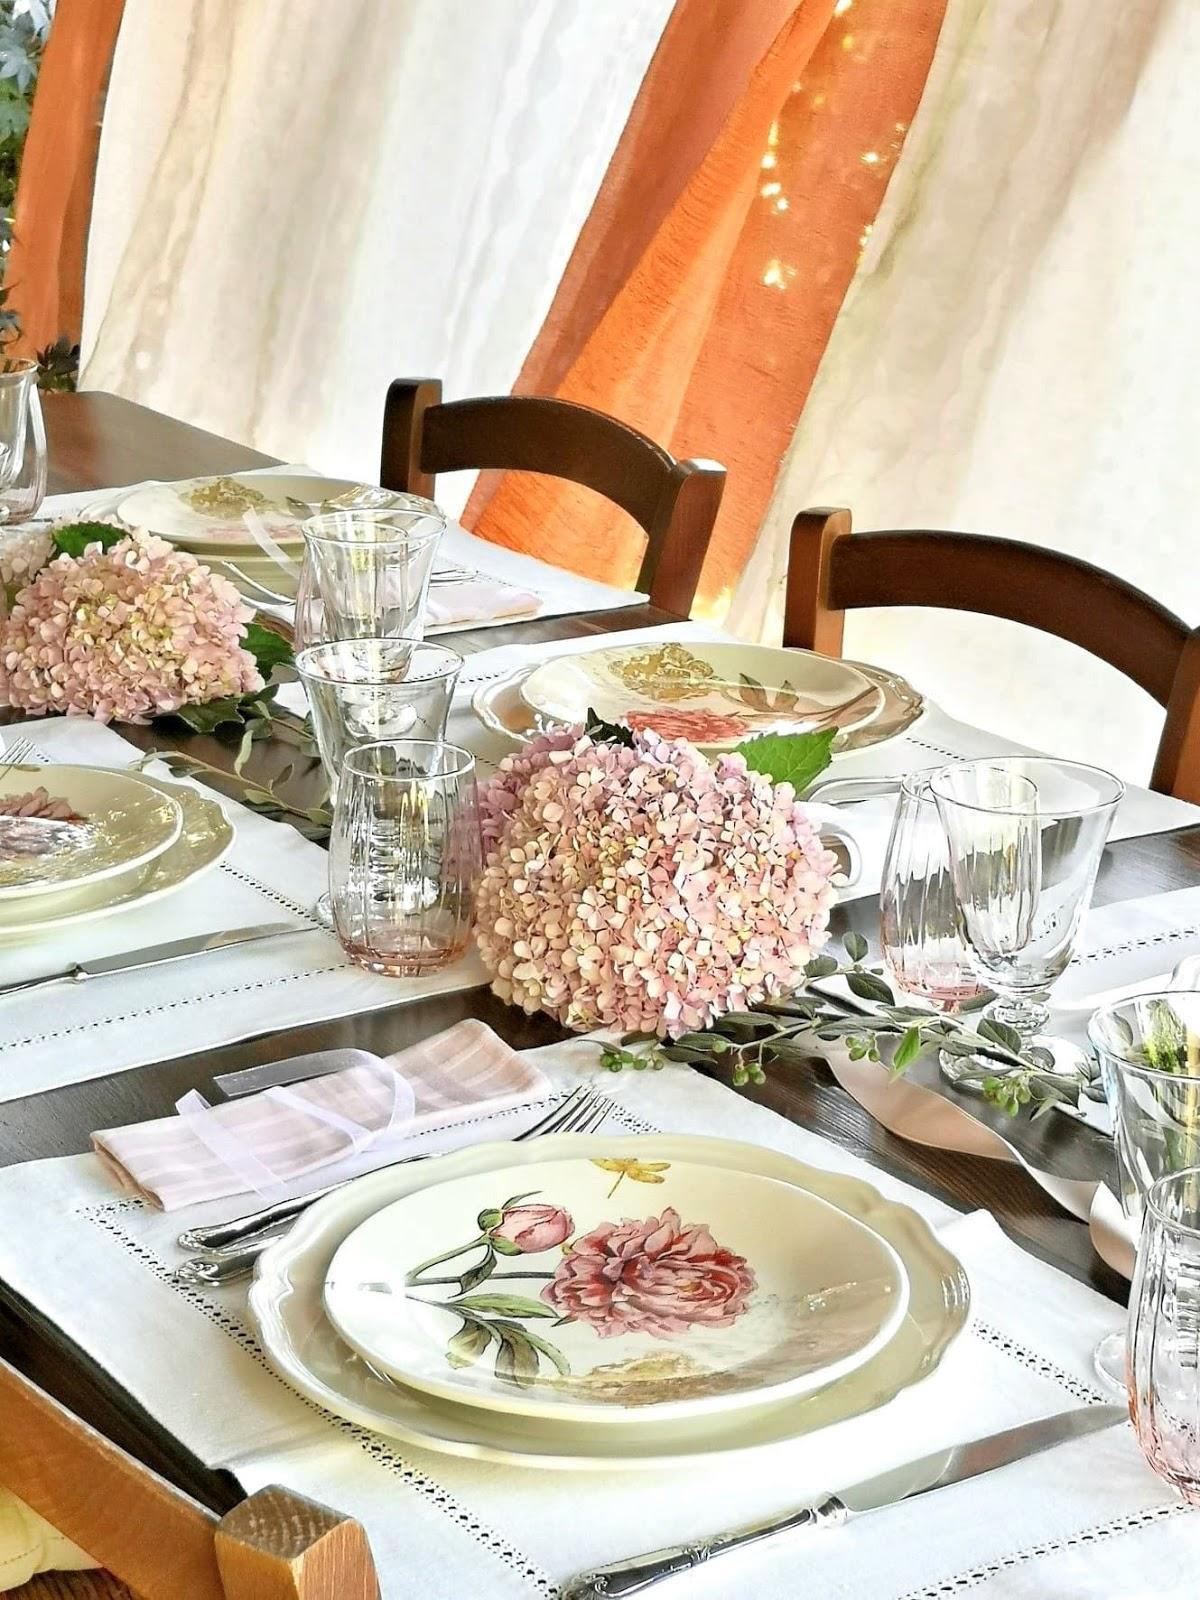 apparecchiare tavola romantica